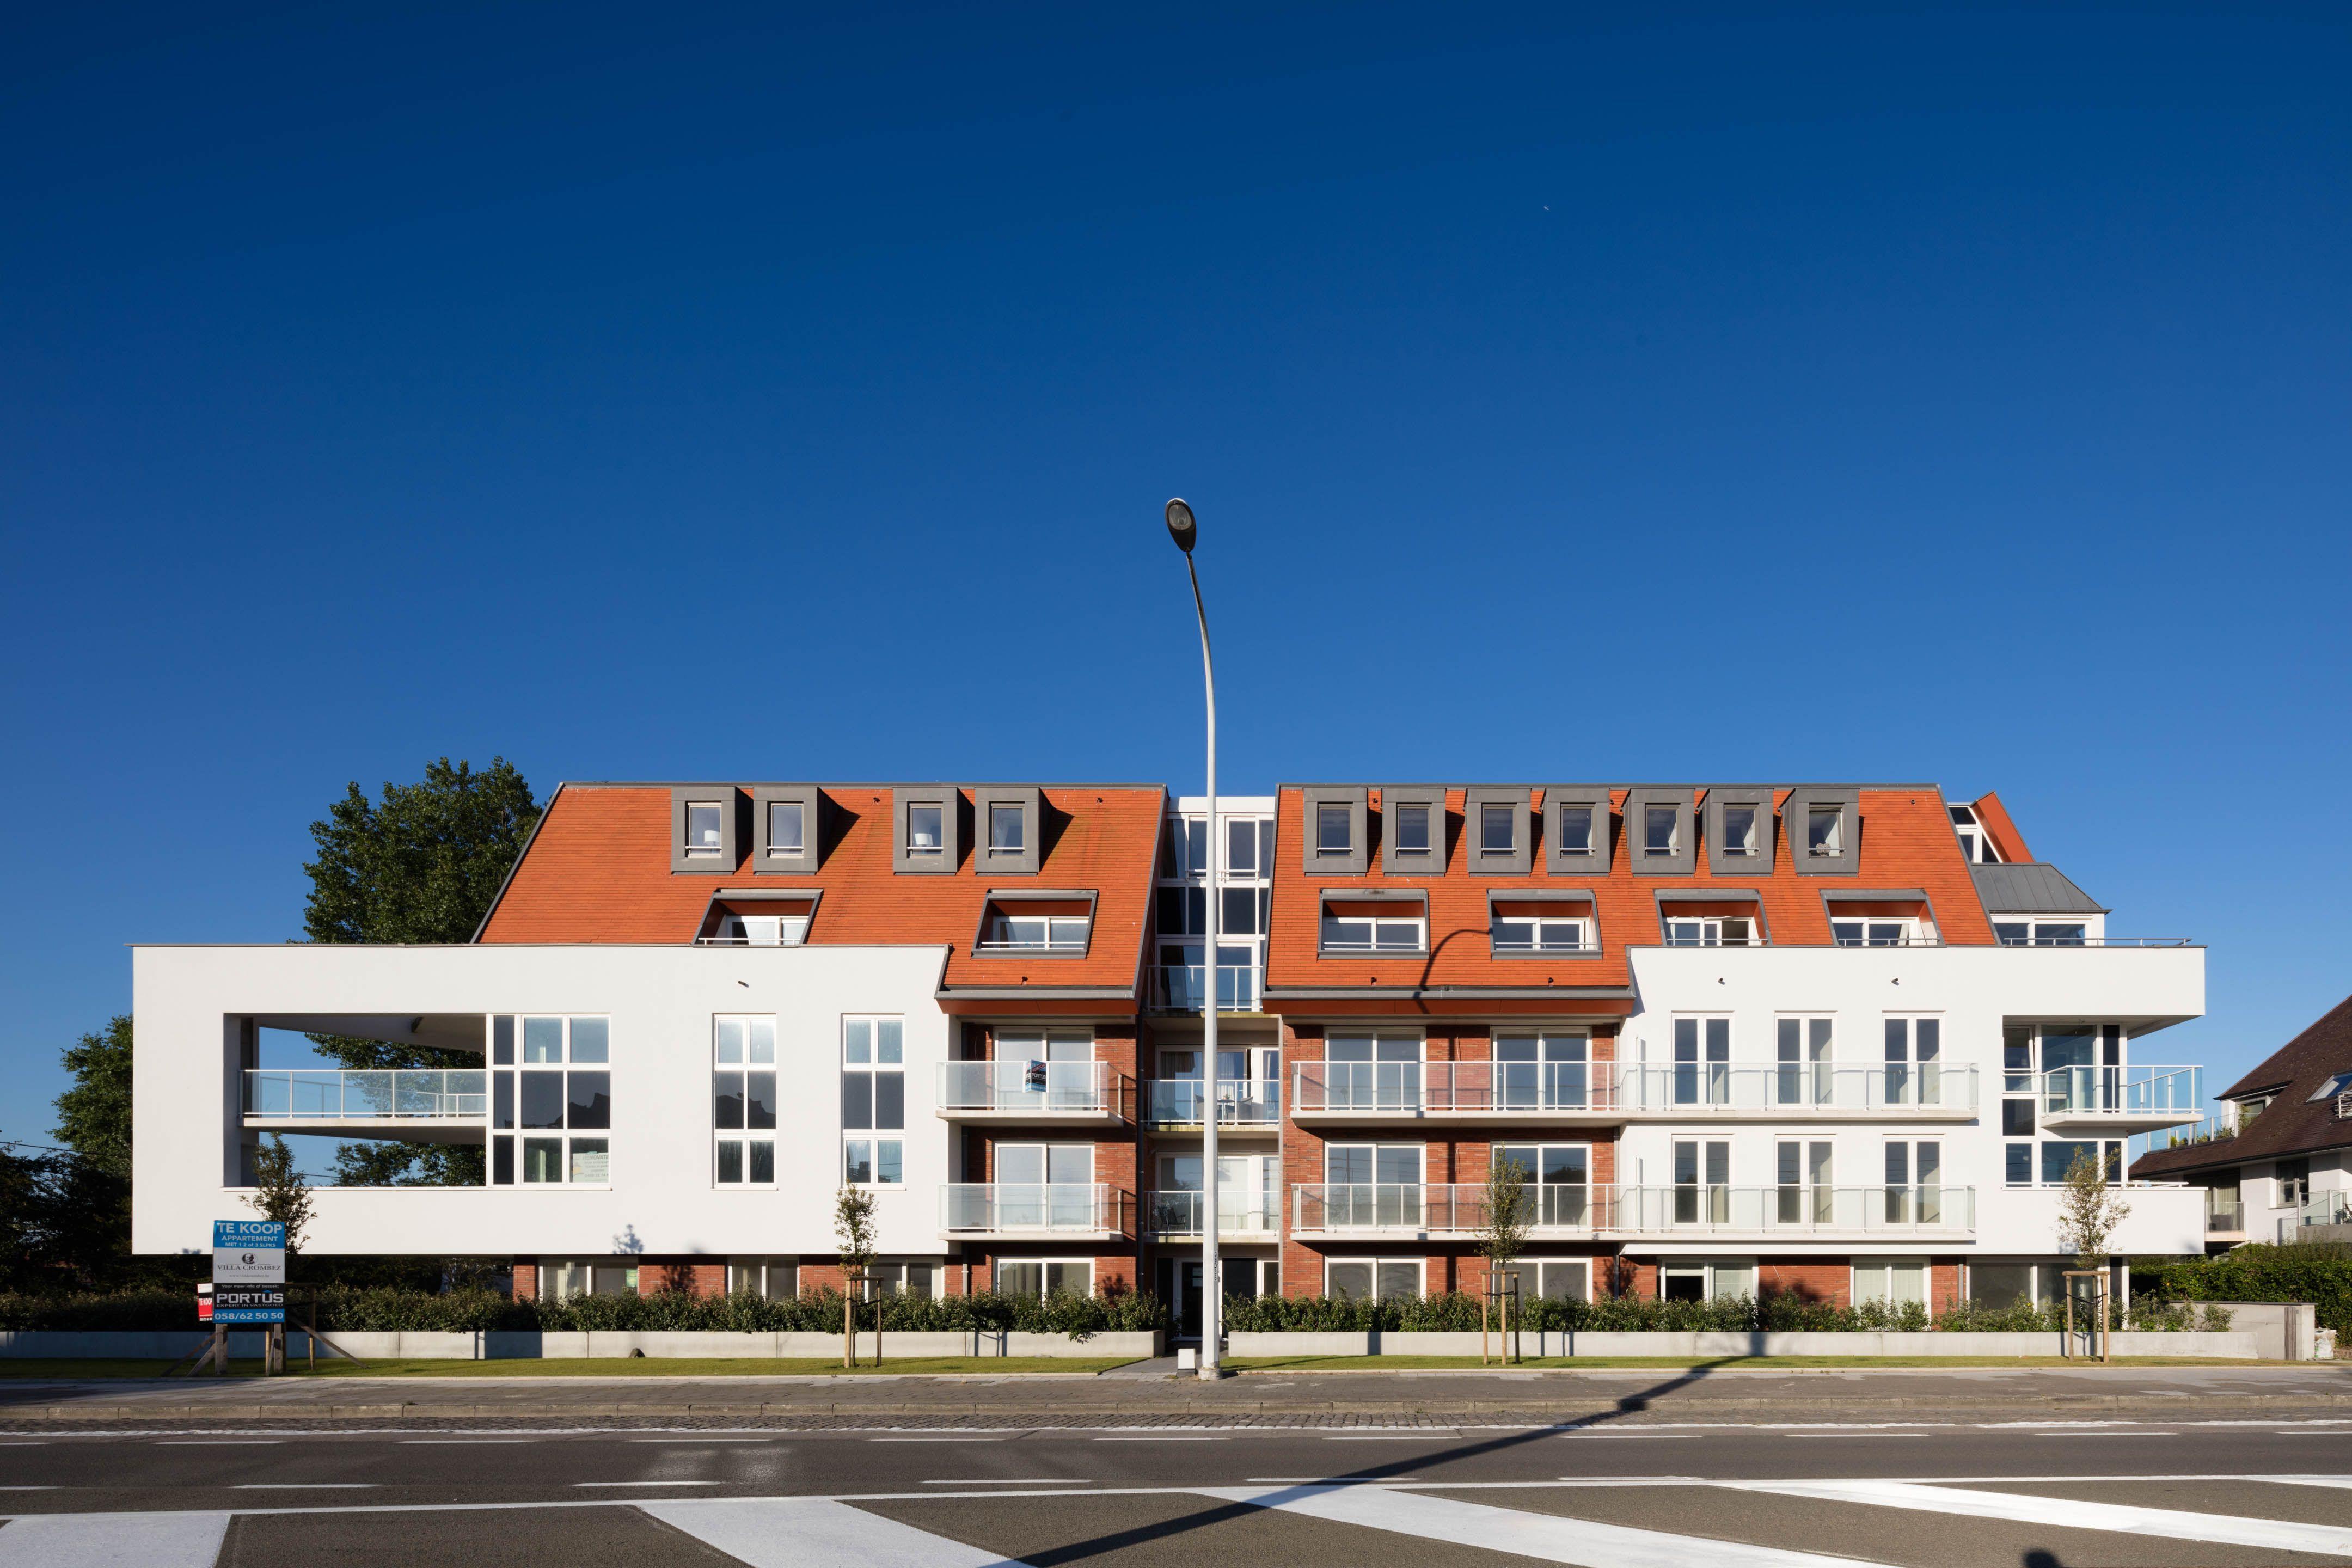 Appartement Residentie Villa Crombez Nieuwpoort - 9310